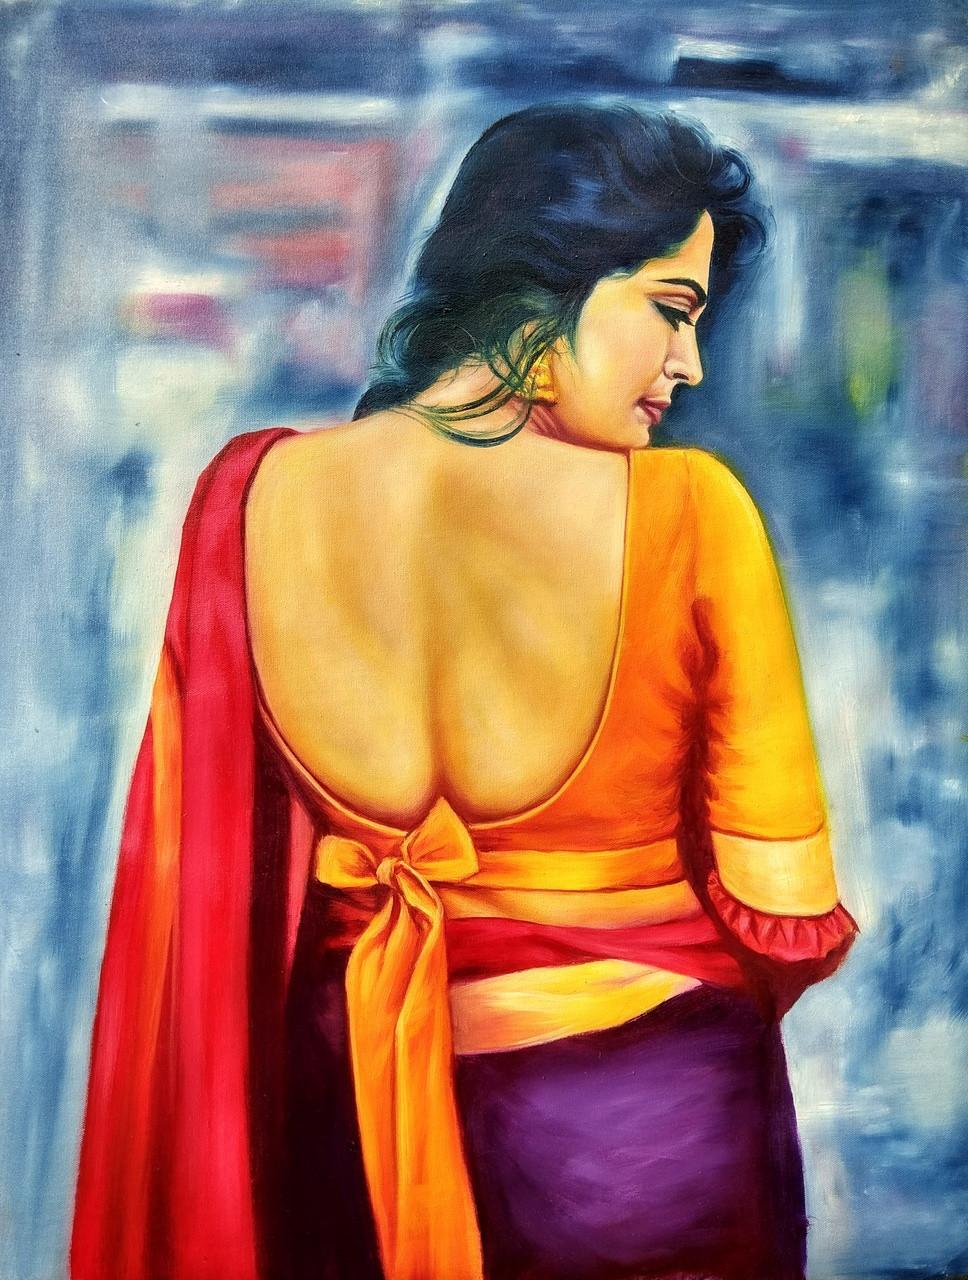 Buy Indian Woman Handmade Painting By Umesh Bharti Code -3418